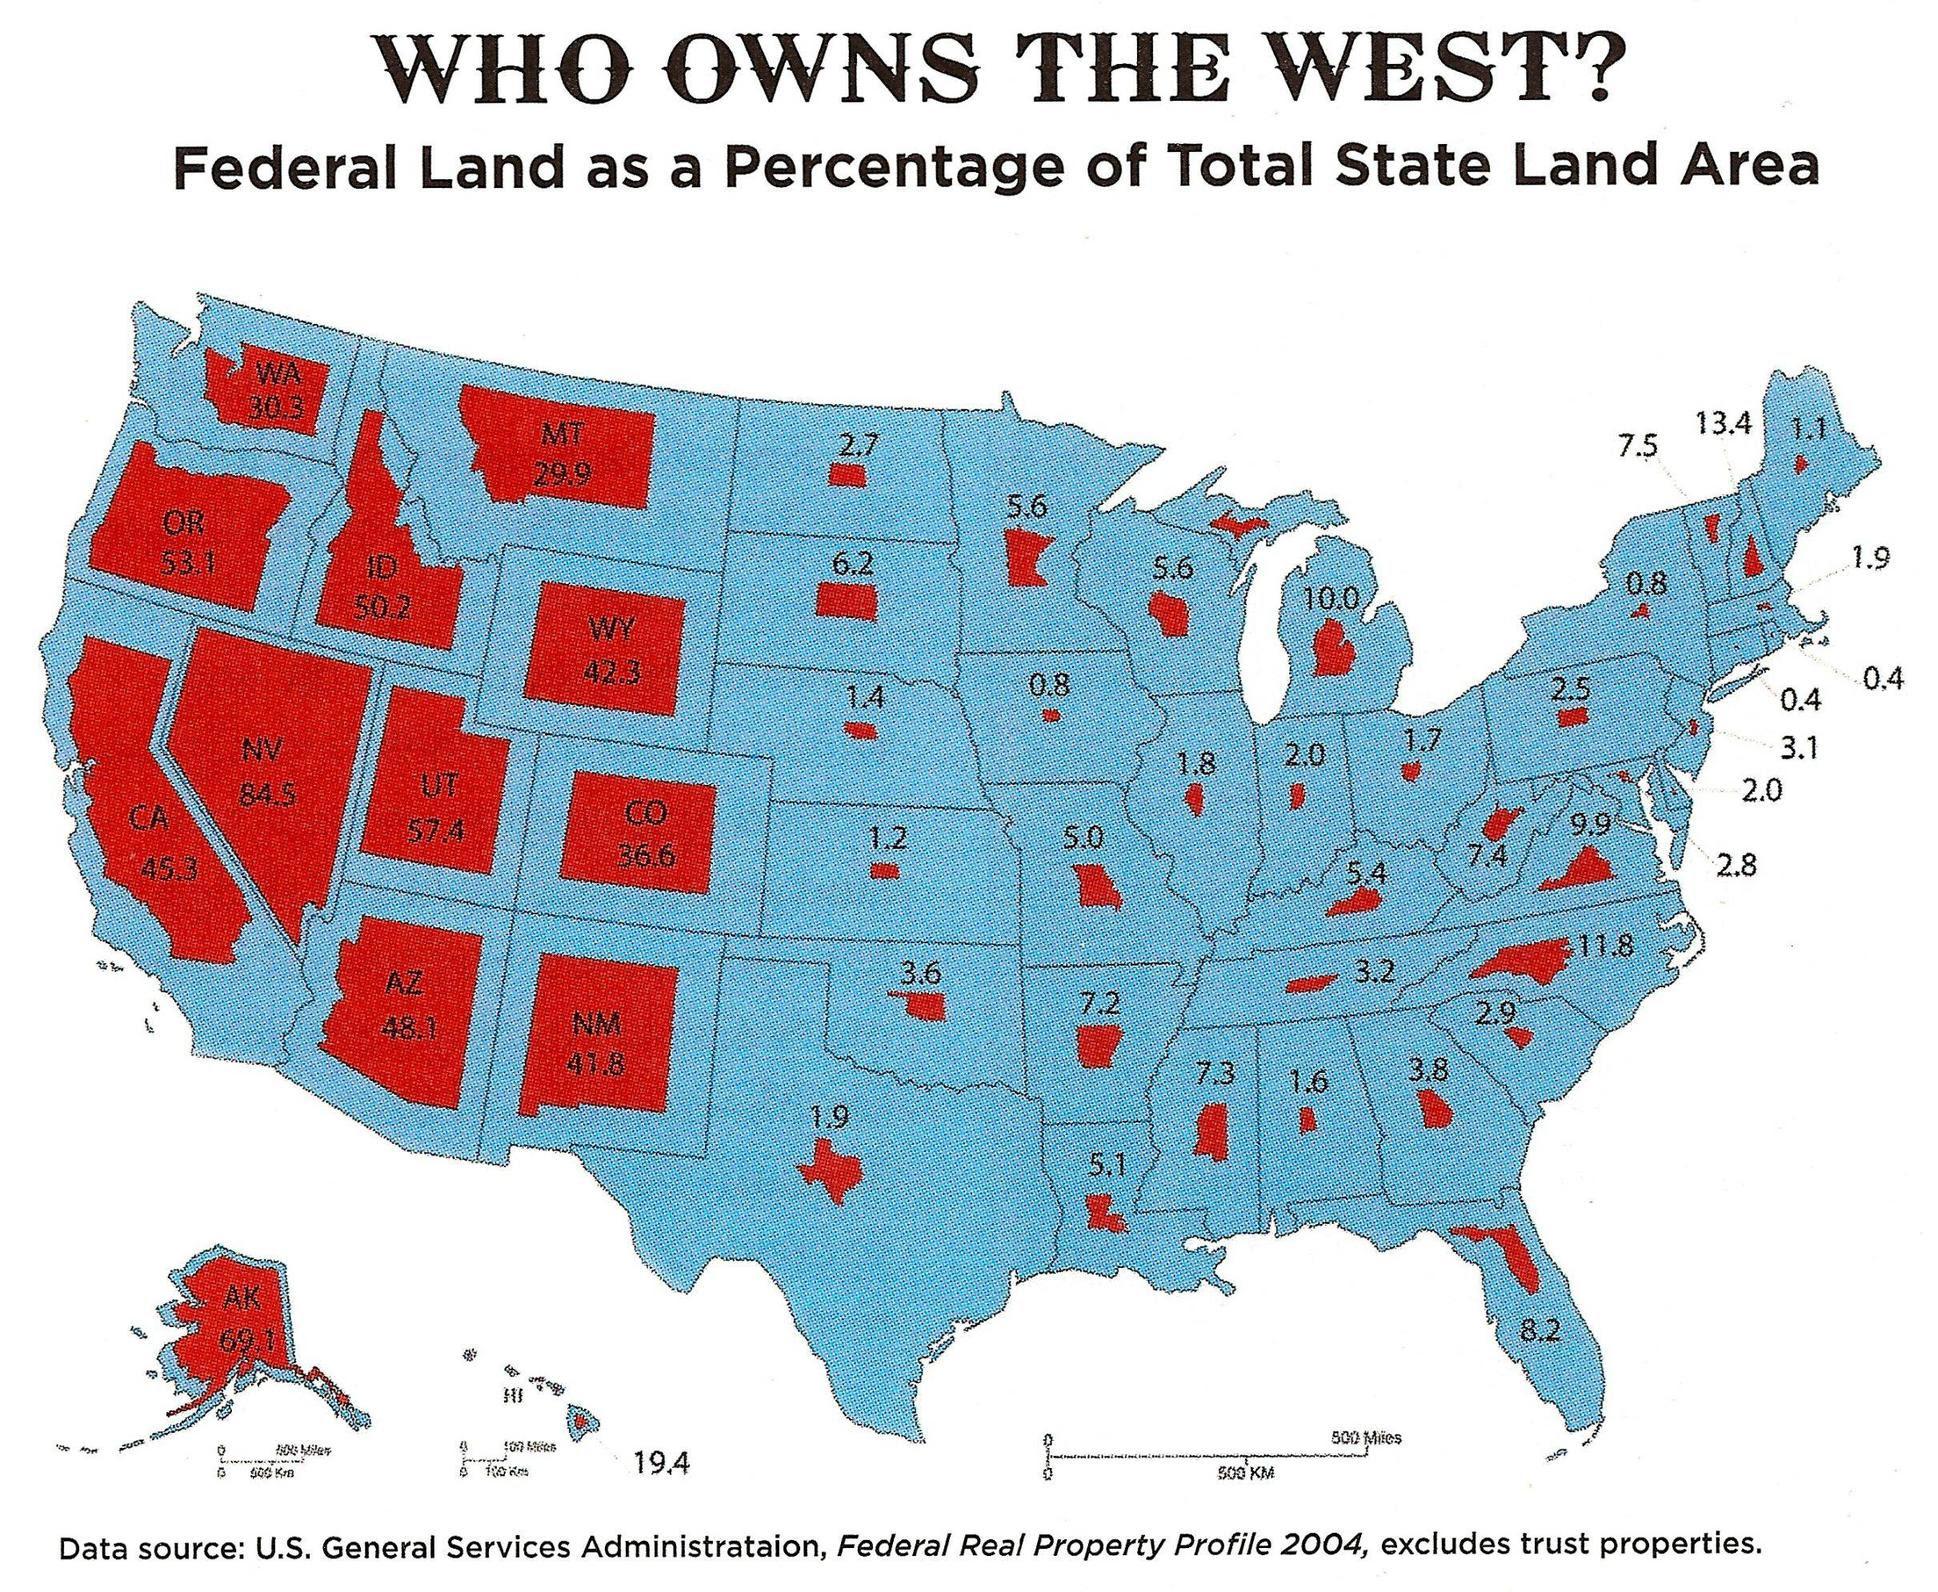 http://assets3.bigthink.com/system/tinymce_assets/944/original/federal_lands.jpg?1422311293